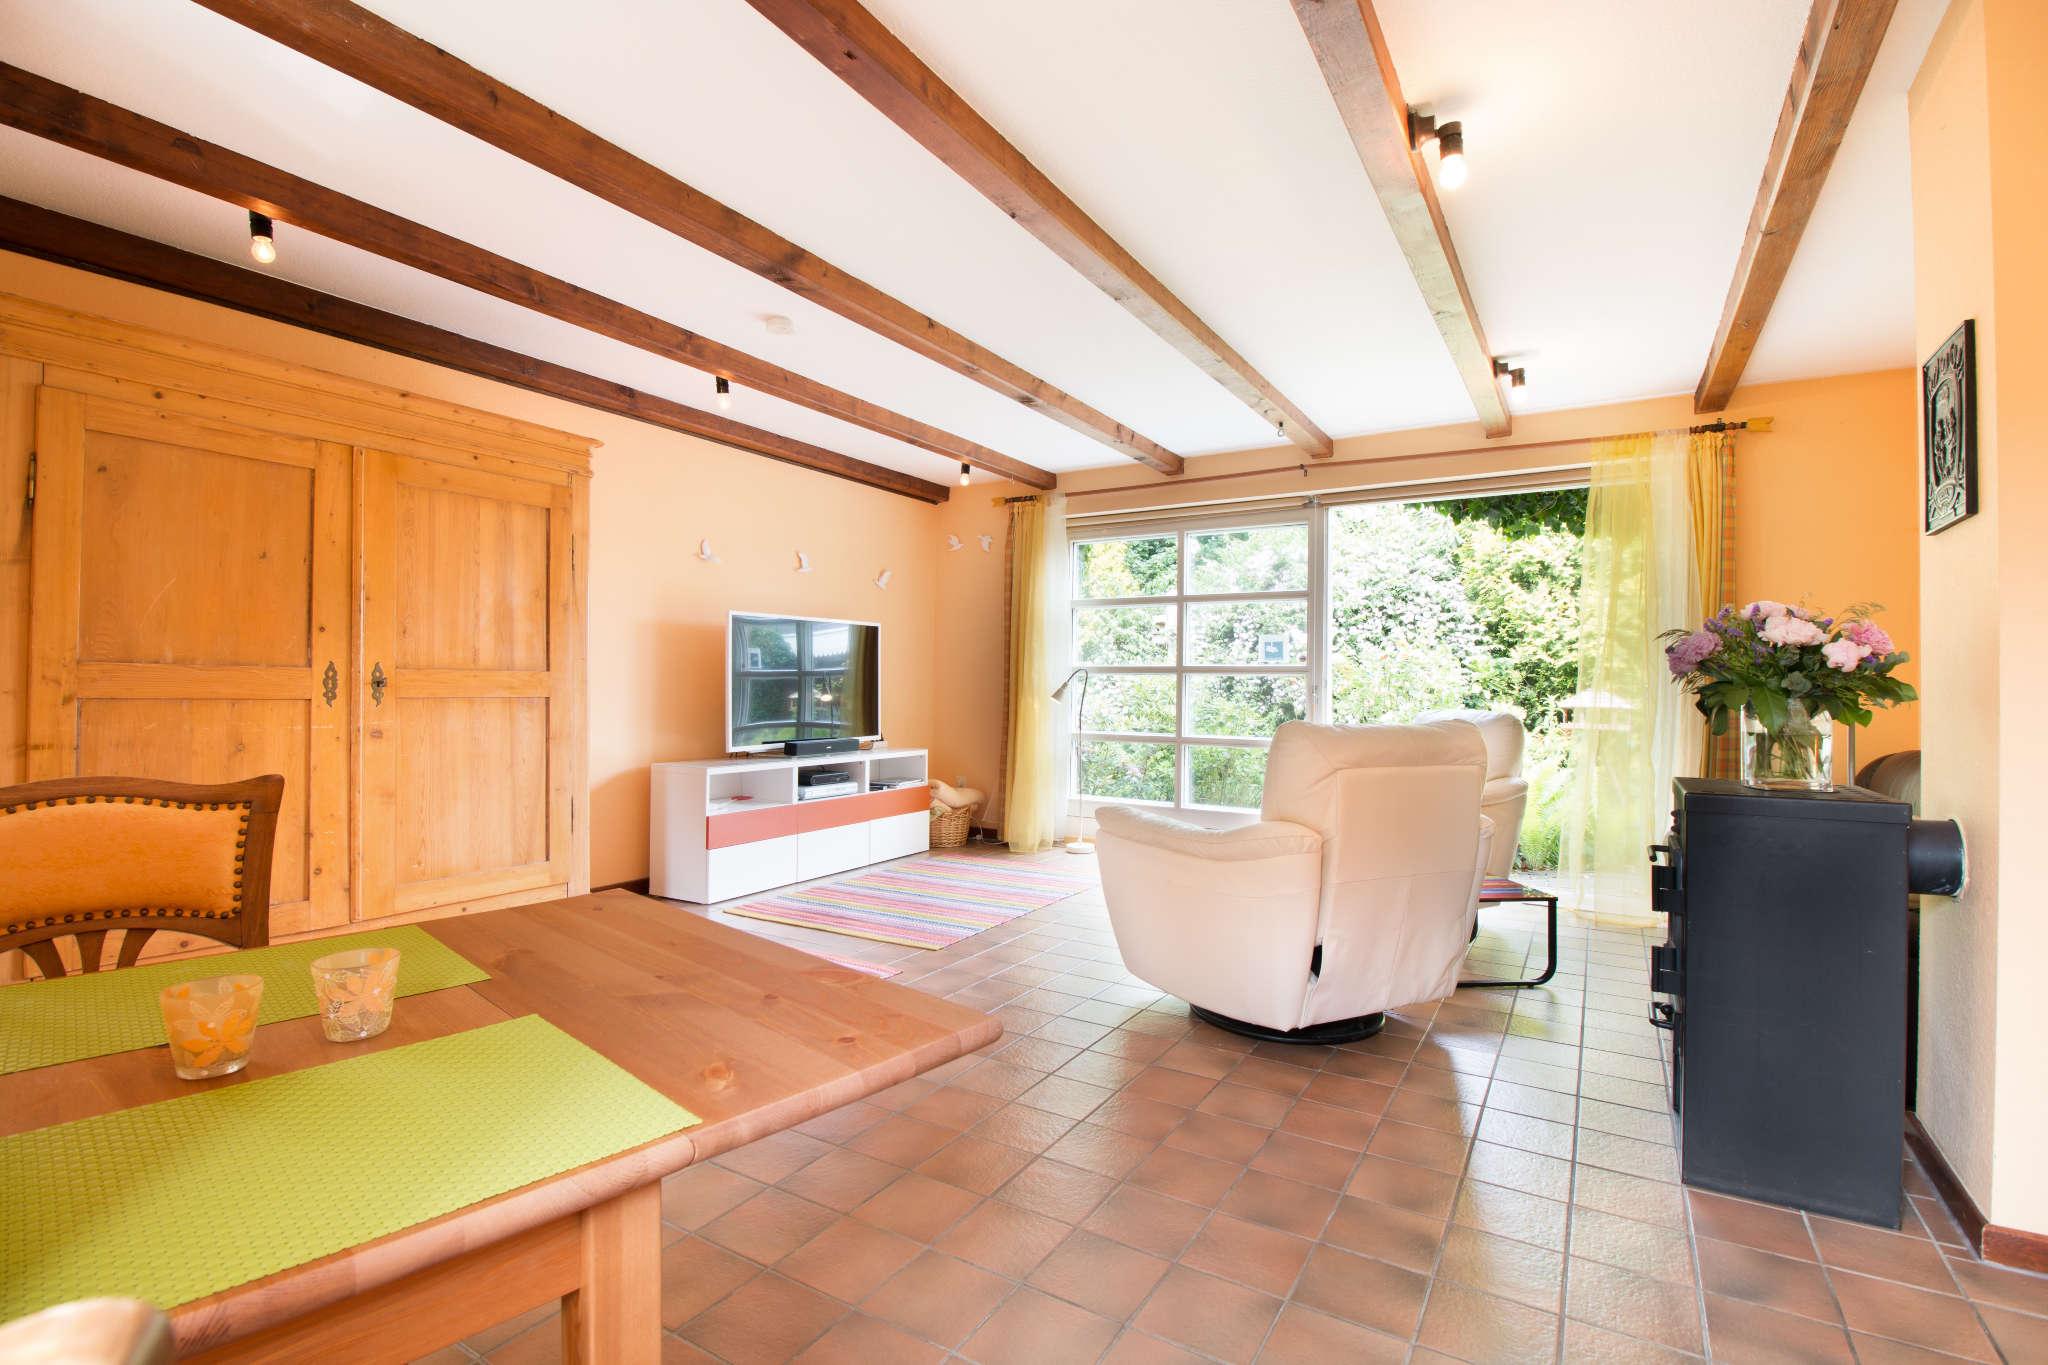 Heimeliges Wohnzimmer mit Kaminofen